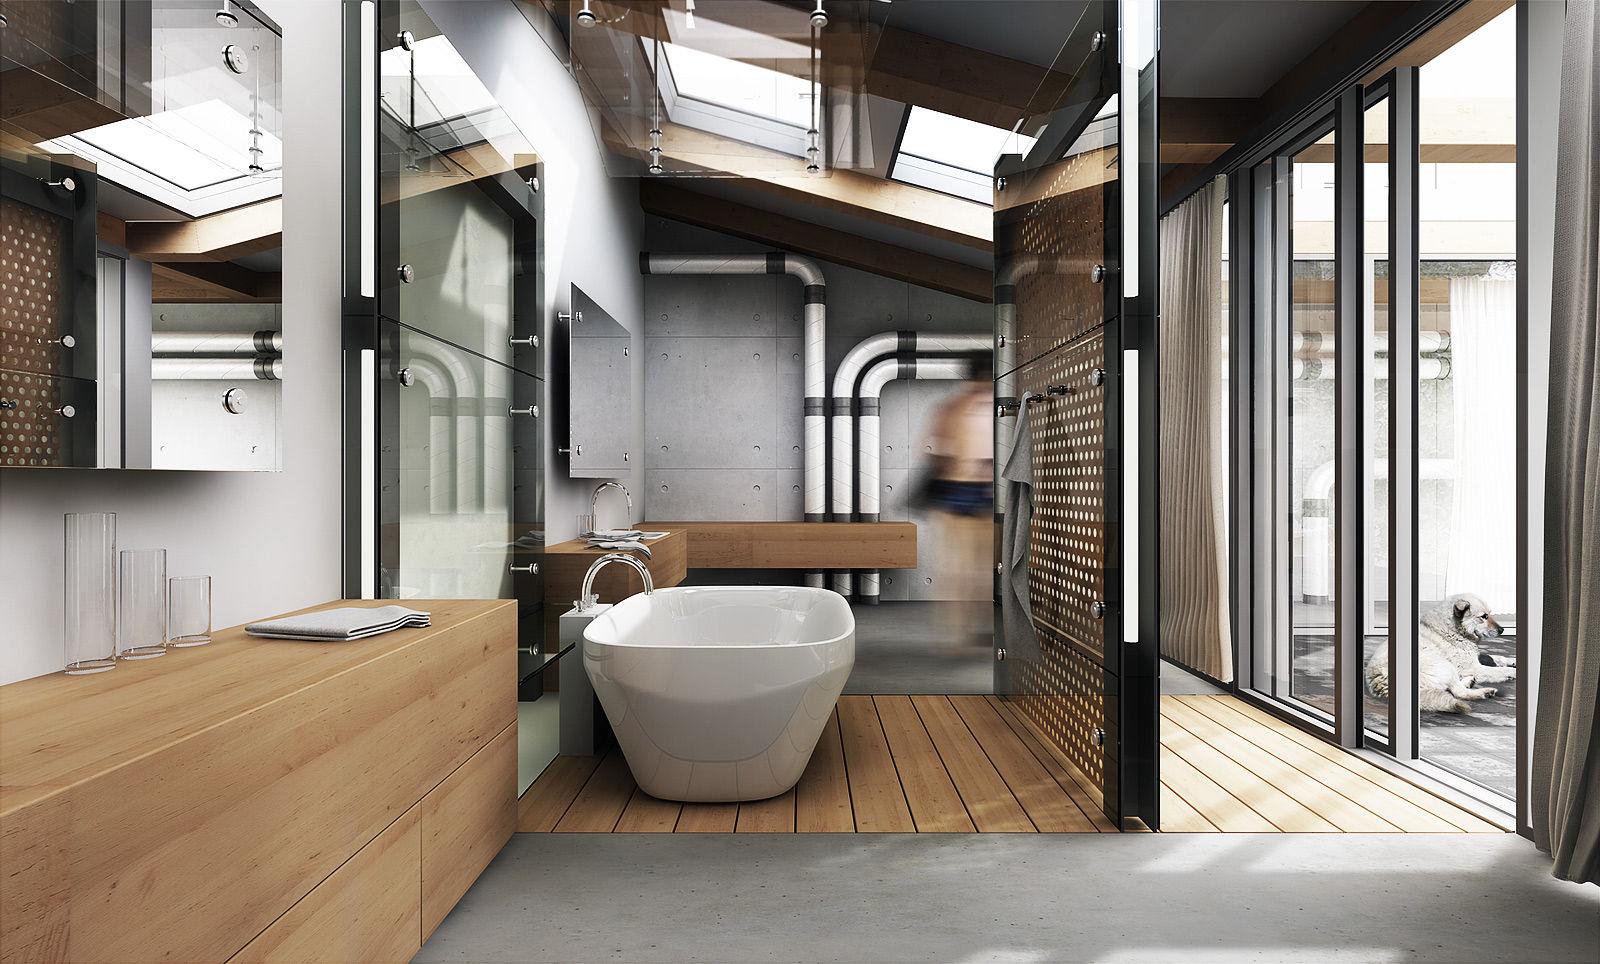 Industri le badkamer de trend van het jaar - Indus badkamer ...